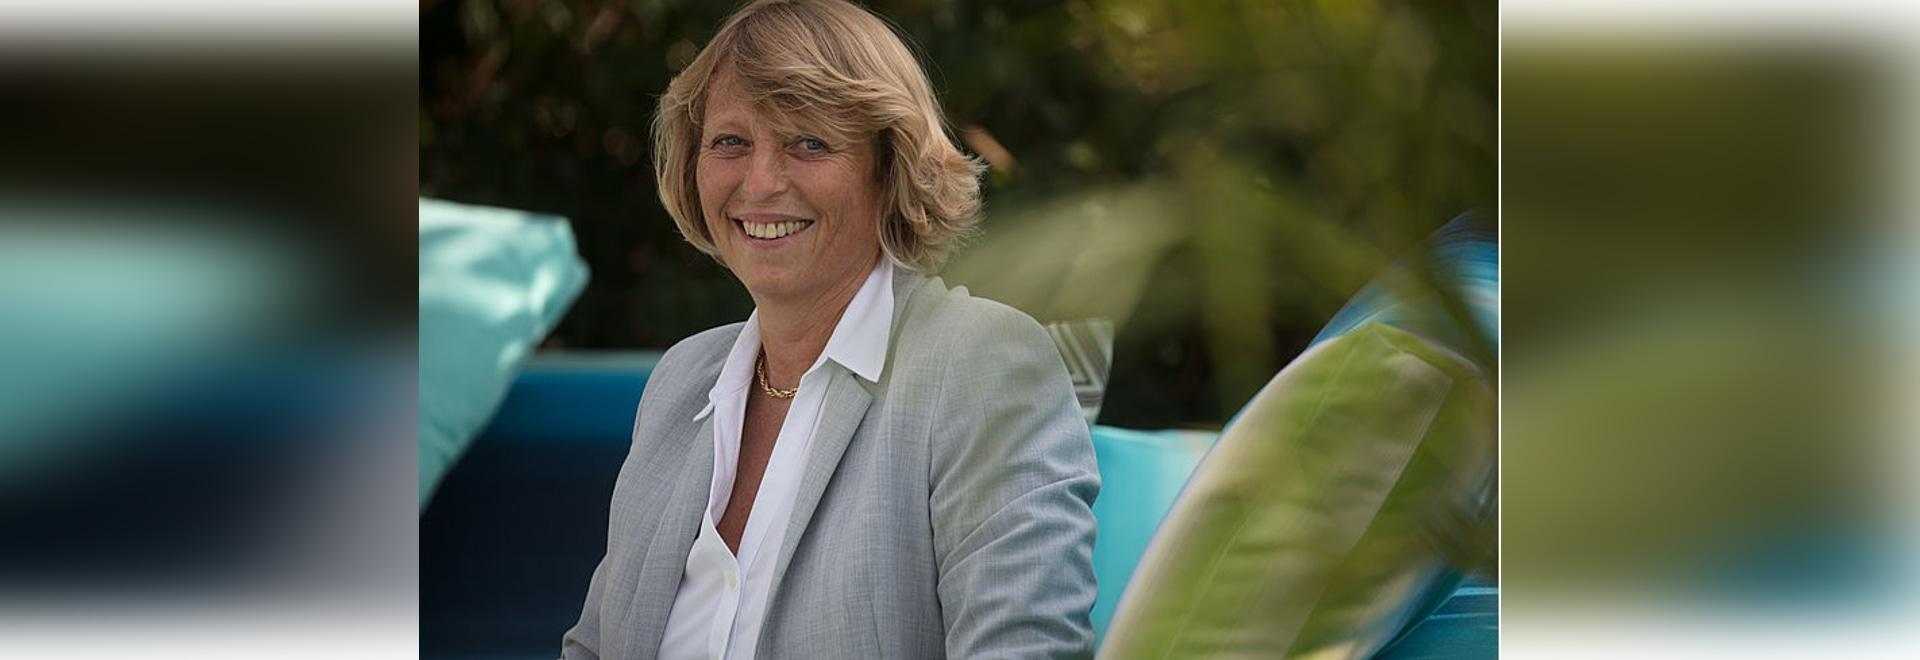 Segelsportfestival von Cannes 2020: Show-Managerin Sylvie Ernoult verrät Veranstaltungspläne